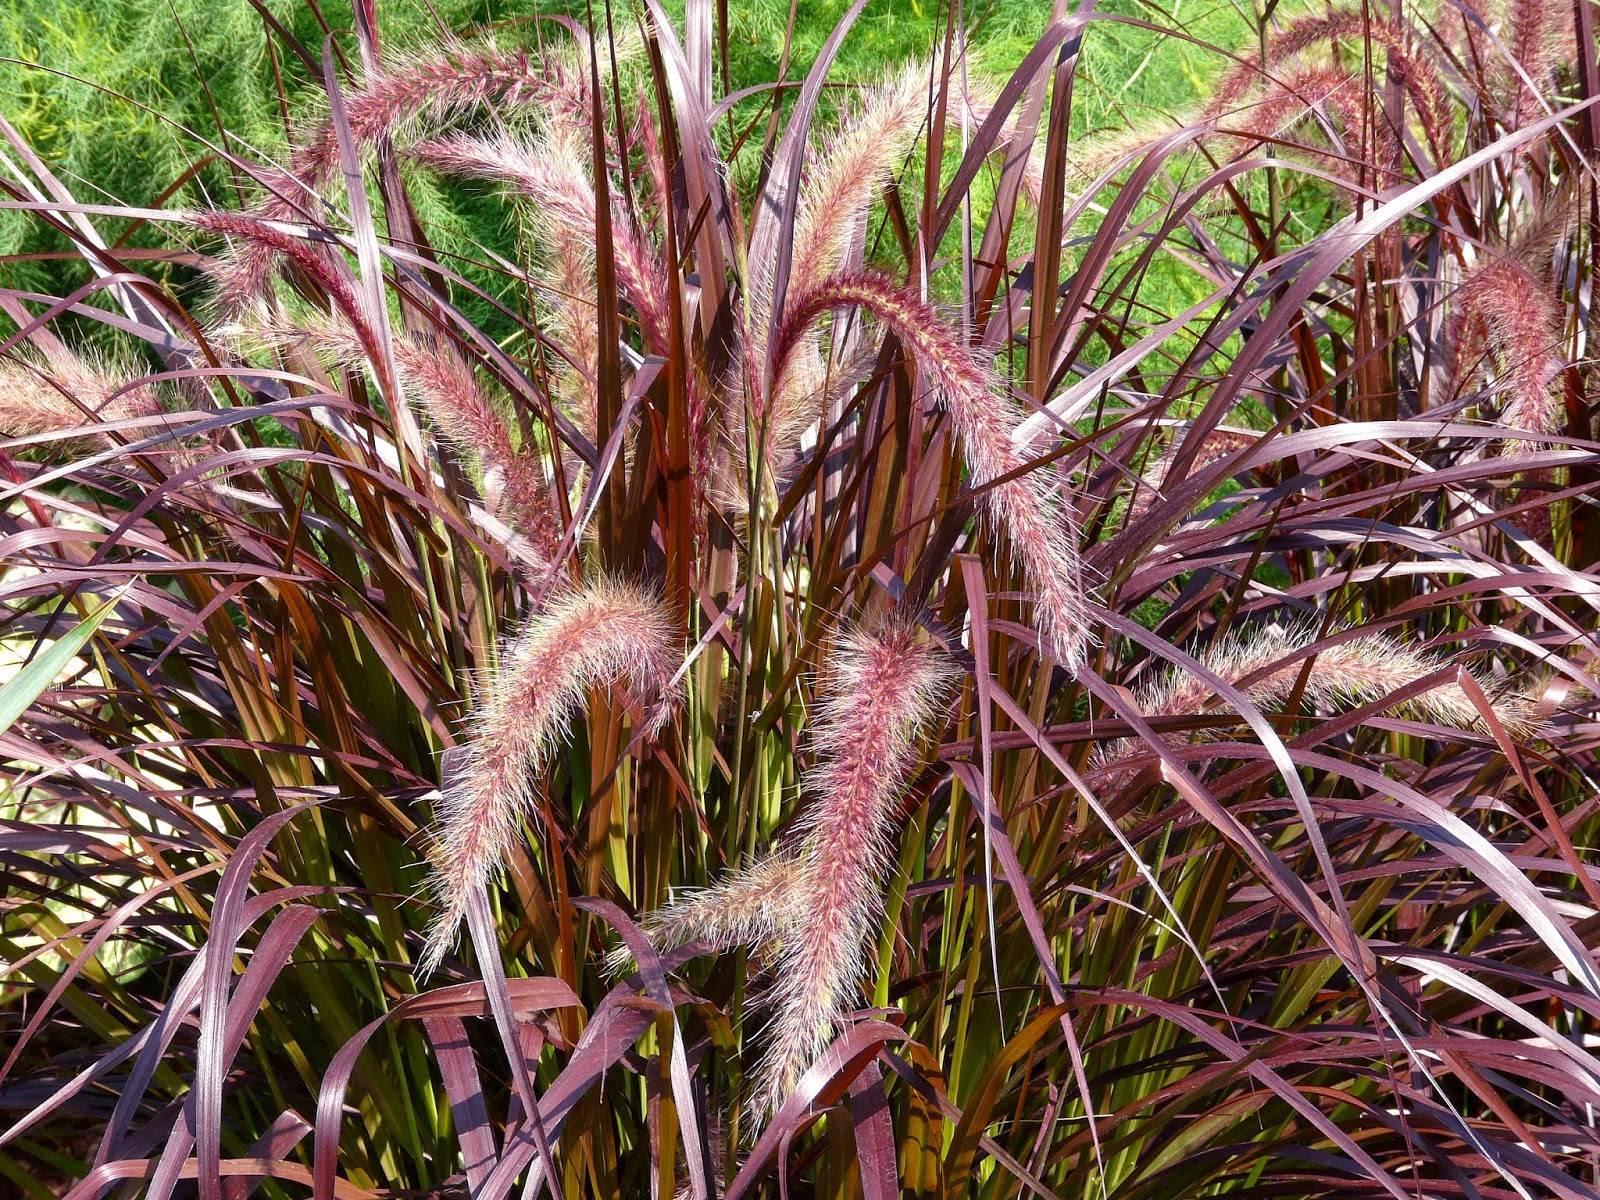 Пеннисетум: виды, выращивание, уход, применение в ландшафтном дизайне - общая информация - 2020